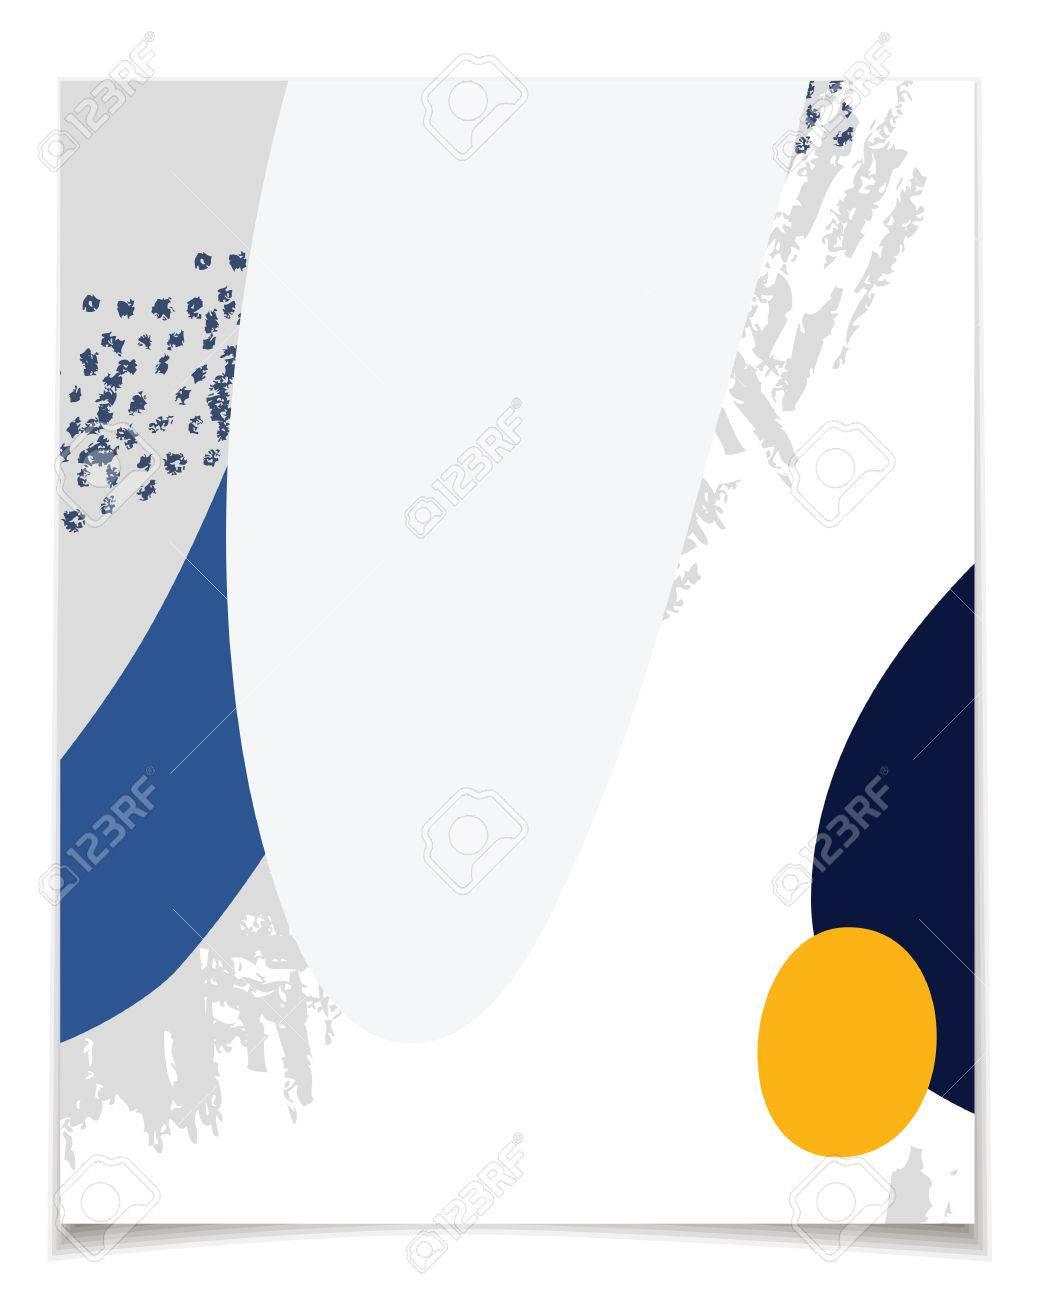 Vektor-Karte Vorlage Mit Abstrakten Design. Blaue Und Graue Farben ...